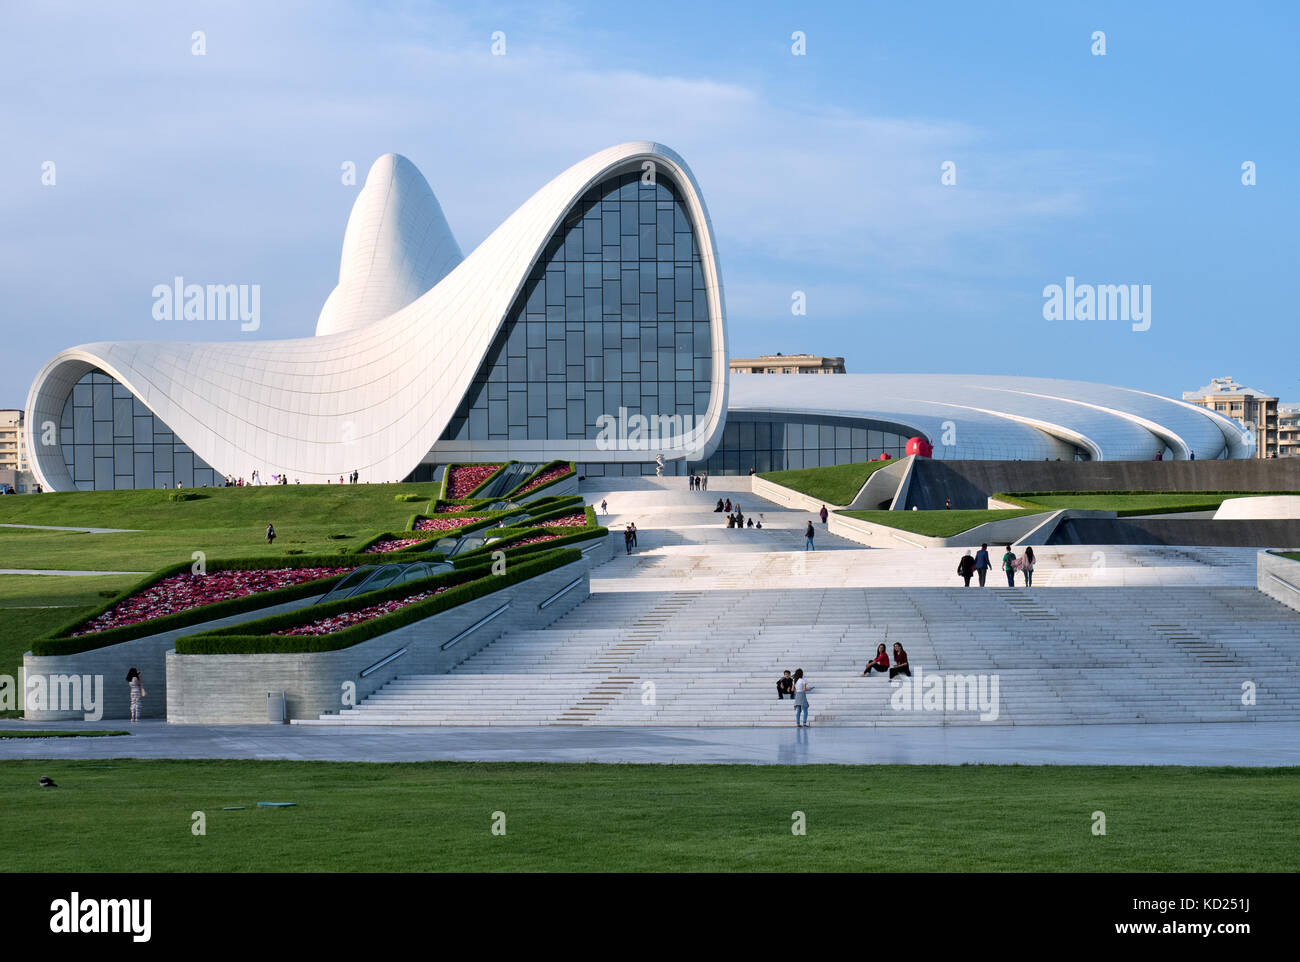 Baku in azerbaijan heydar aliyev centro complesso edificio progettato da irachena british - Hadid architetto ...